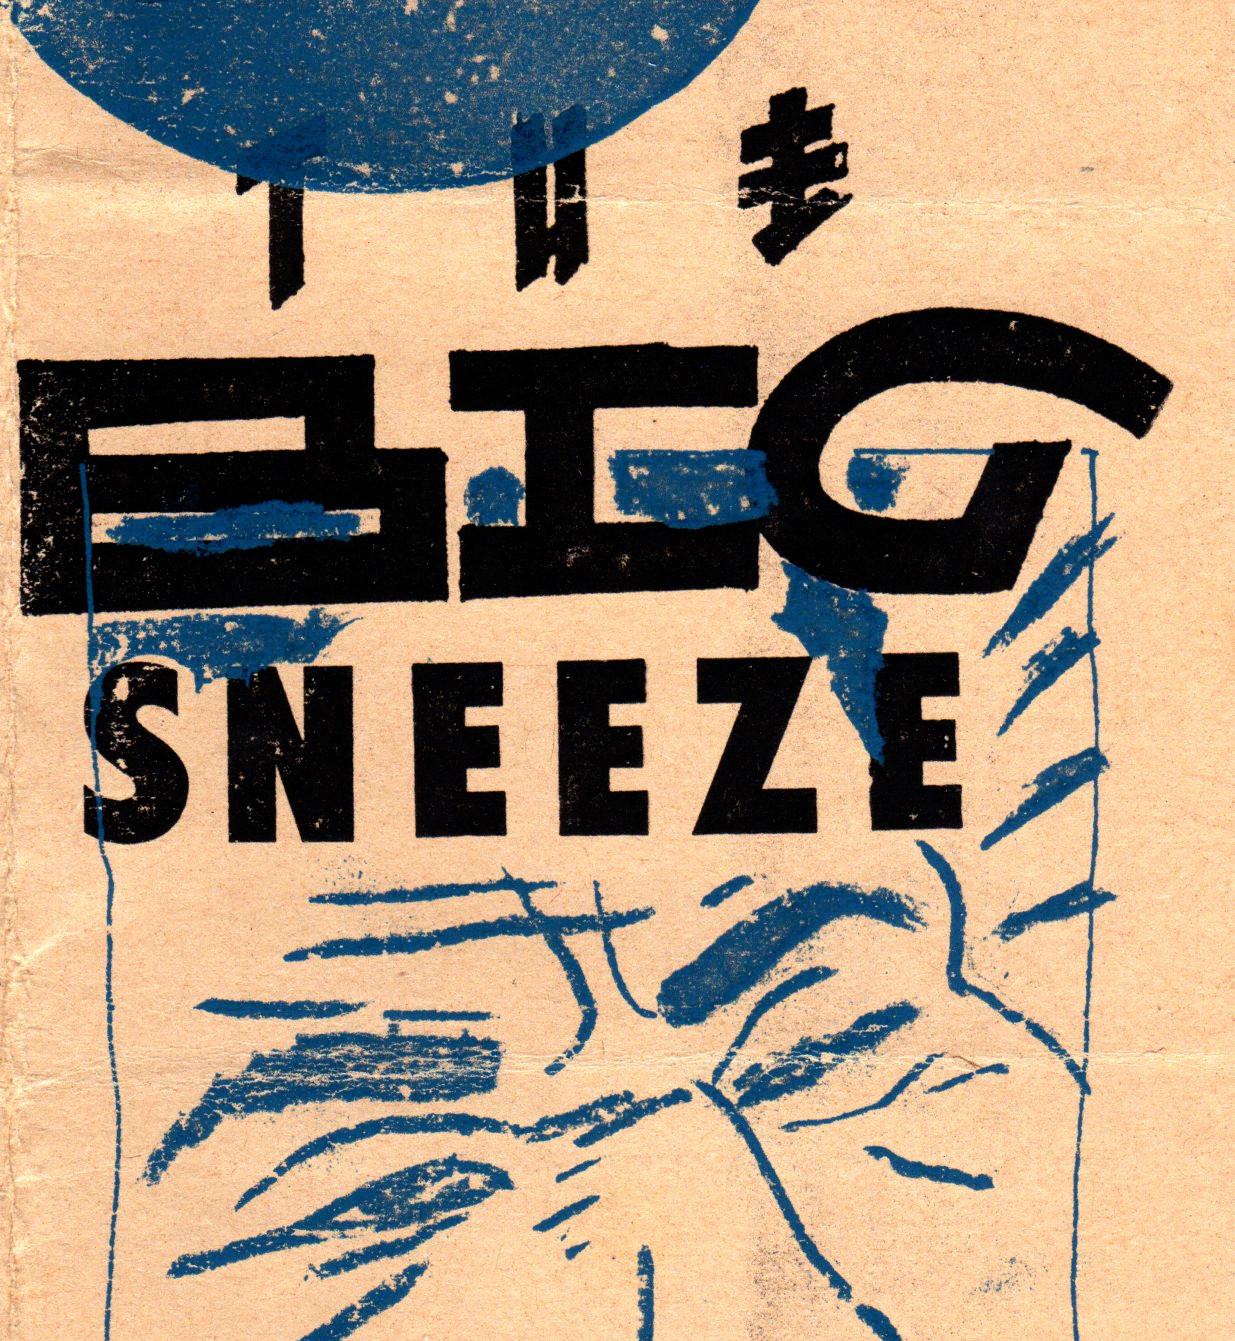 The Big Sneeze by Phoenix